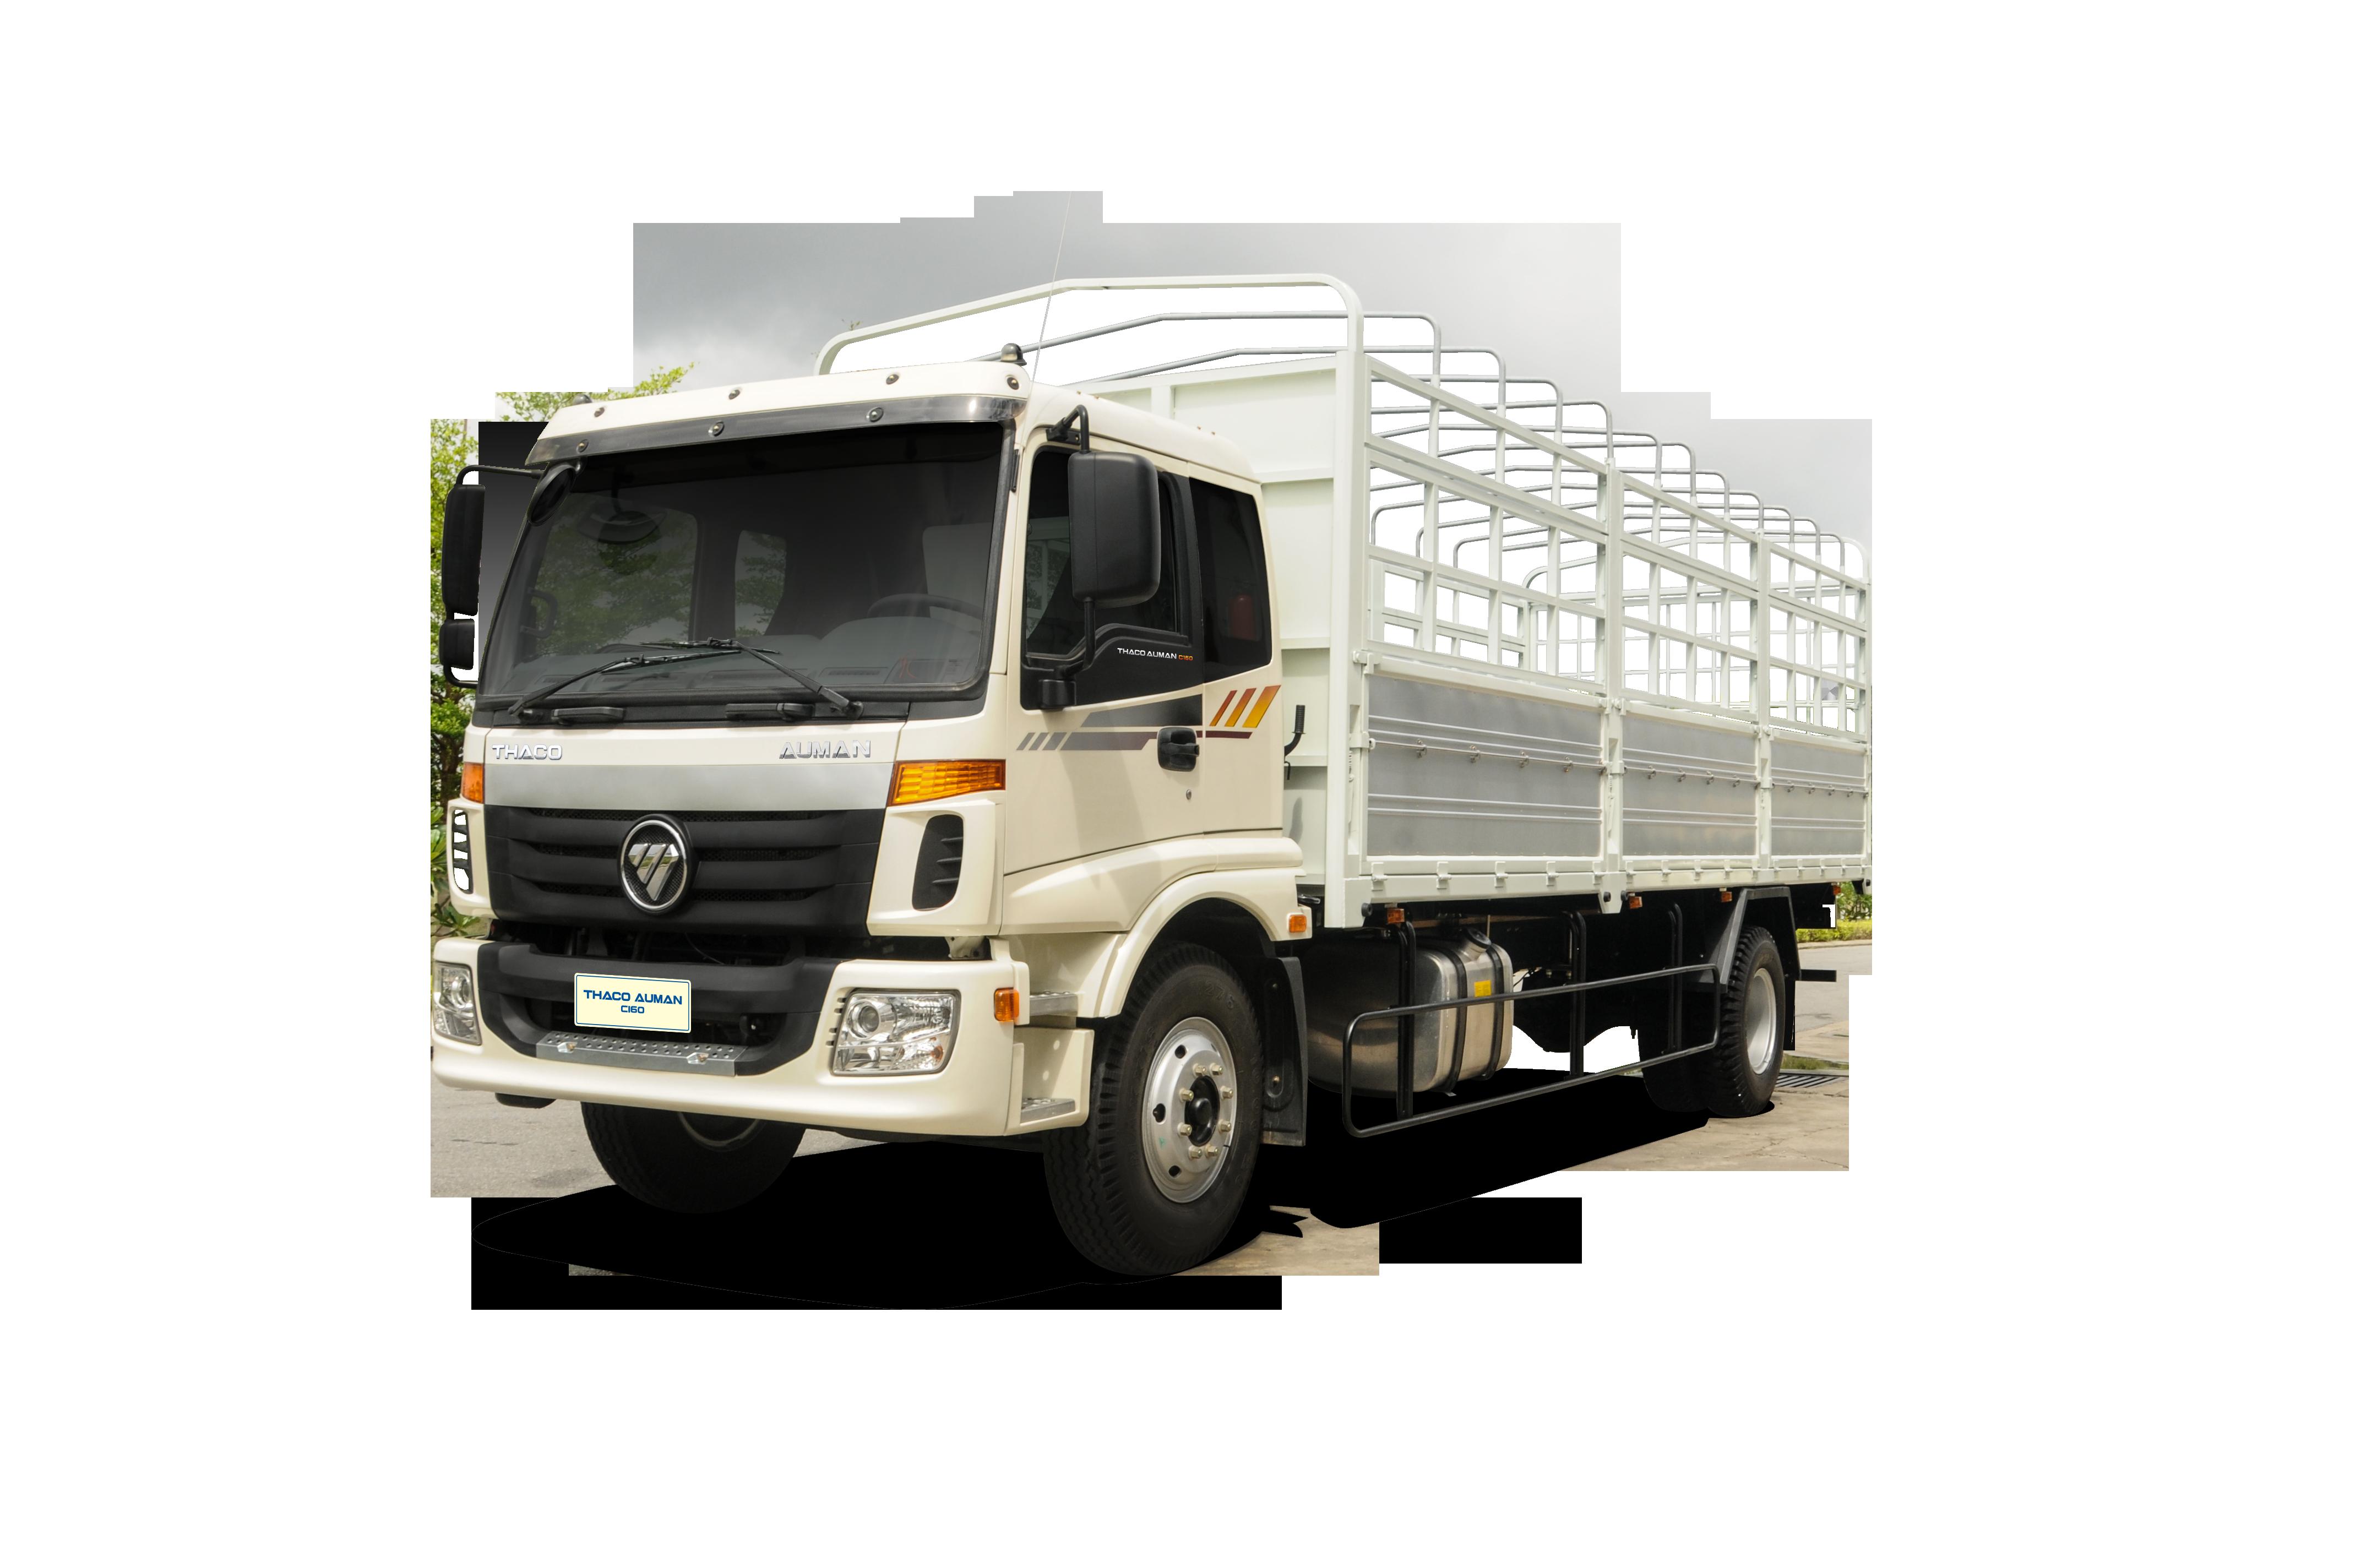 Lộ trình lắp thiết bị giám sát hành trình GPS trên xe kinh doanh vận tải